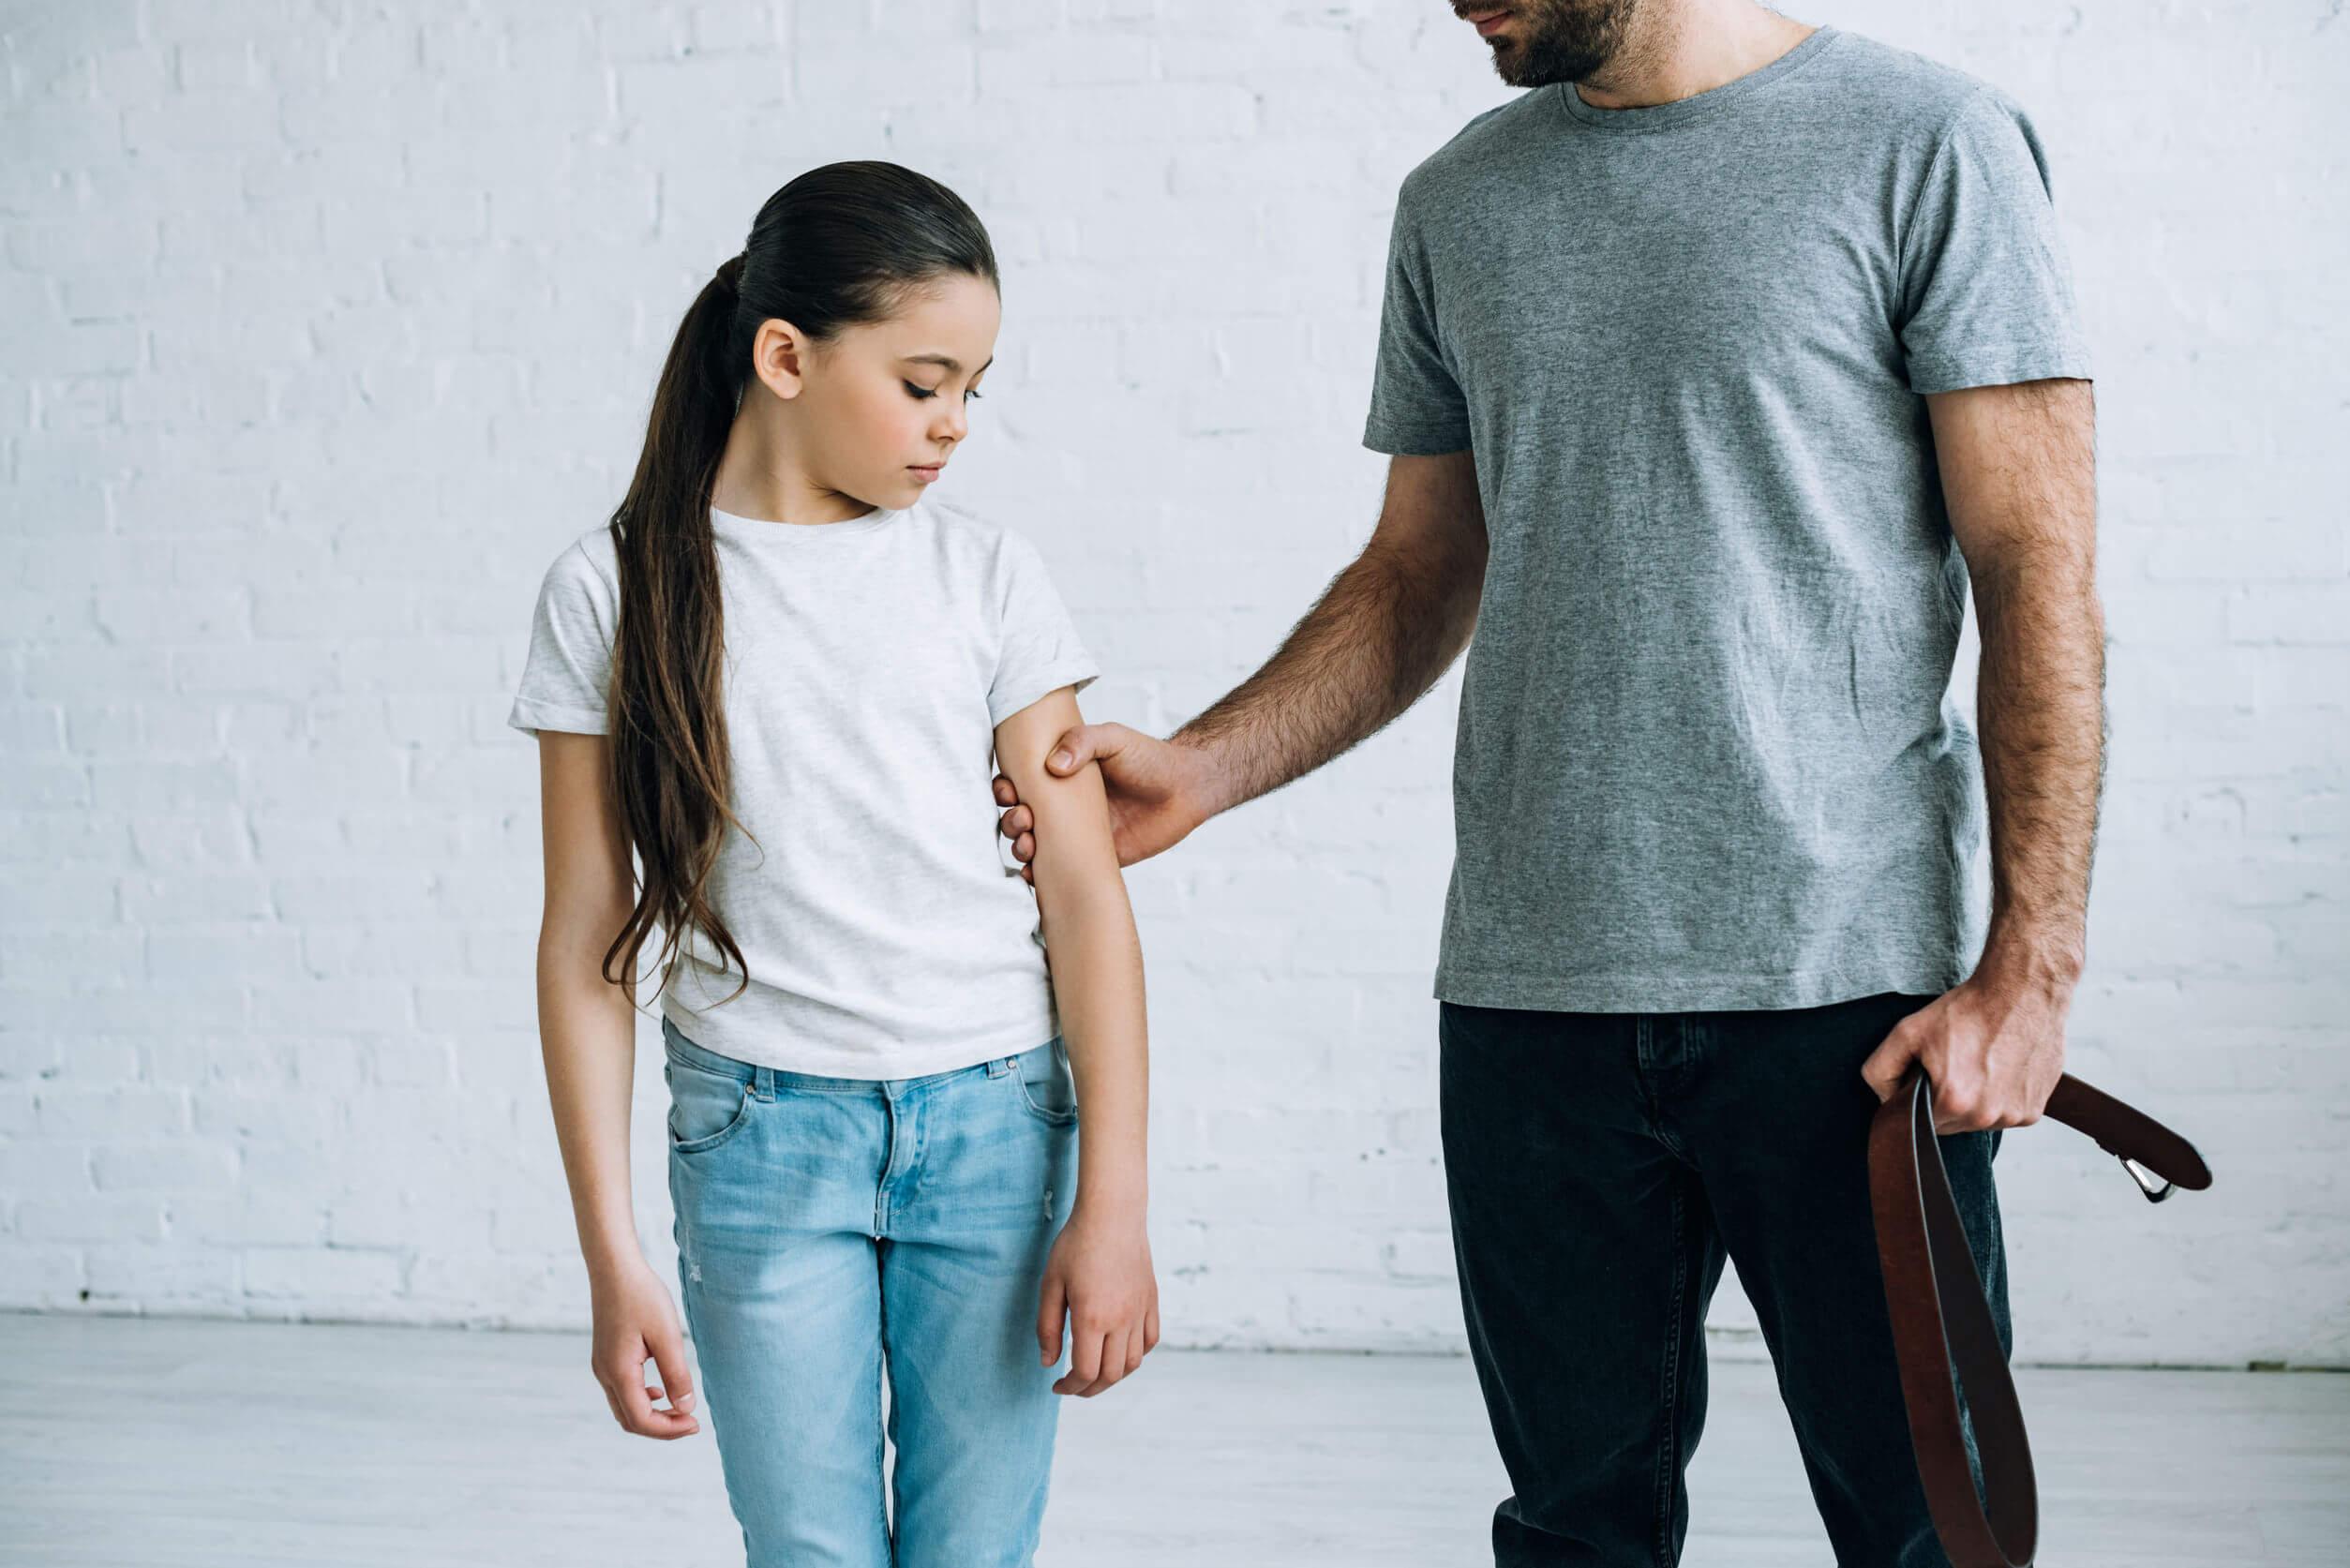 Padre aplicando el castigo físico con su hija.